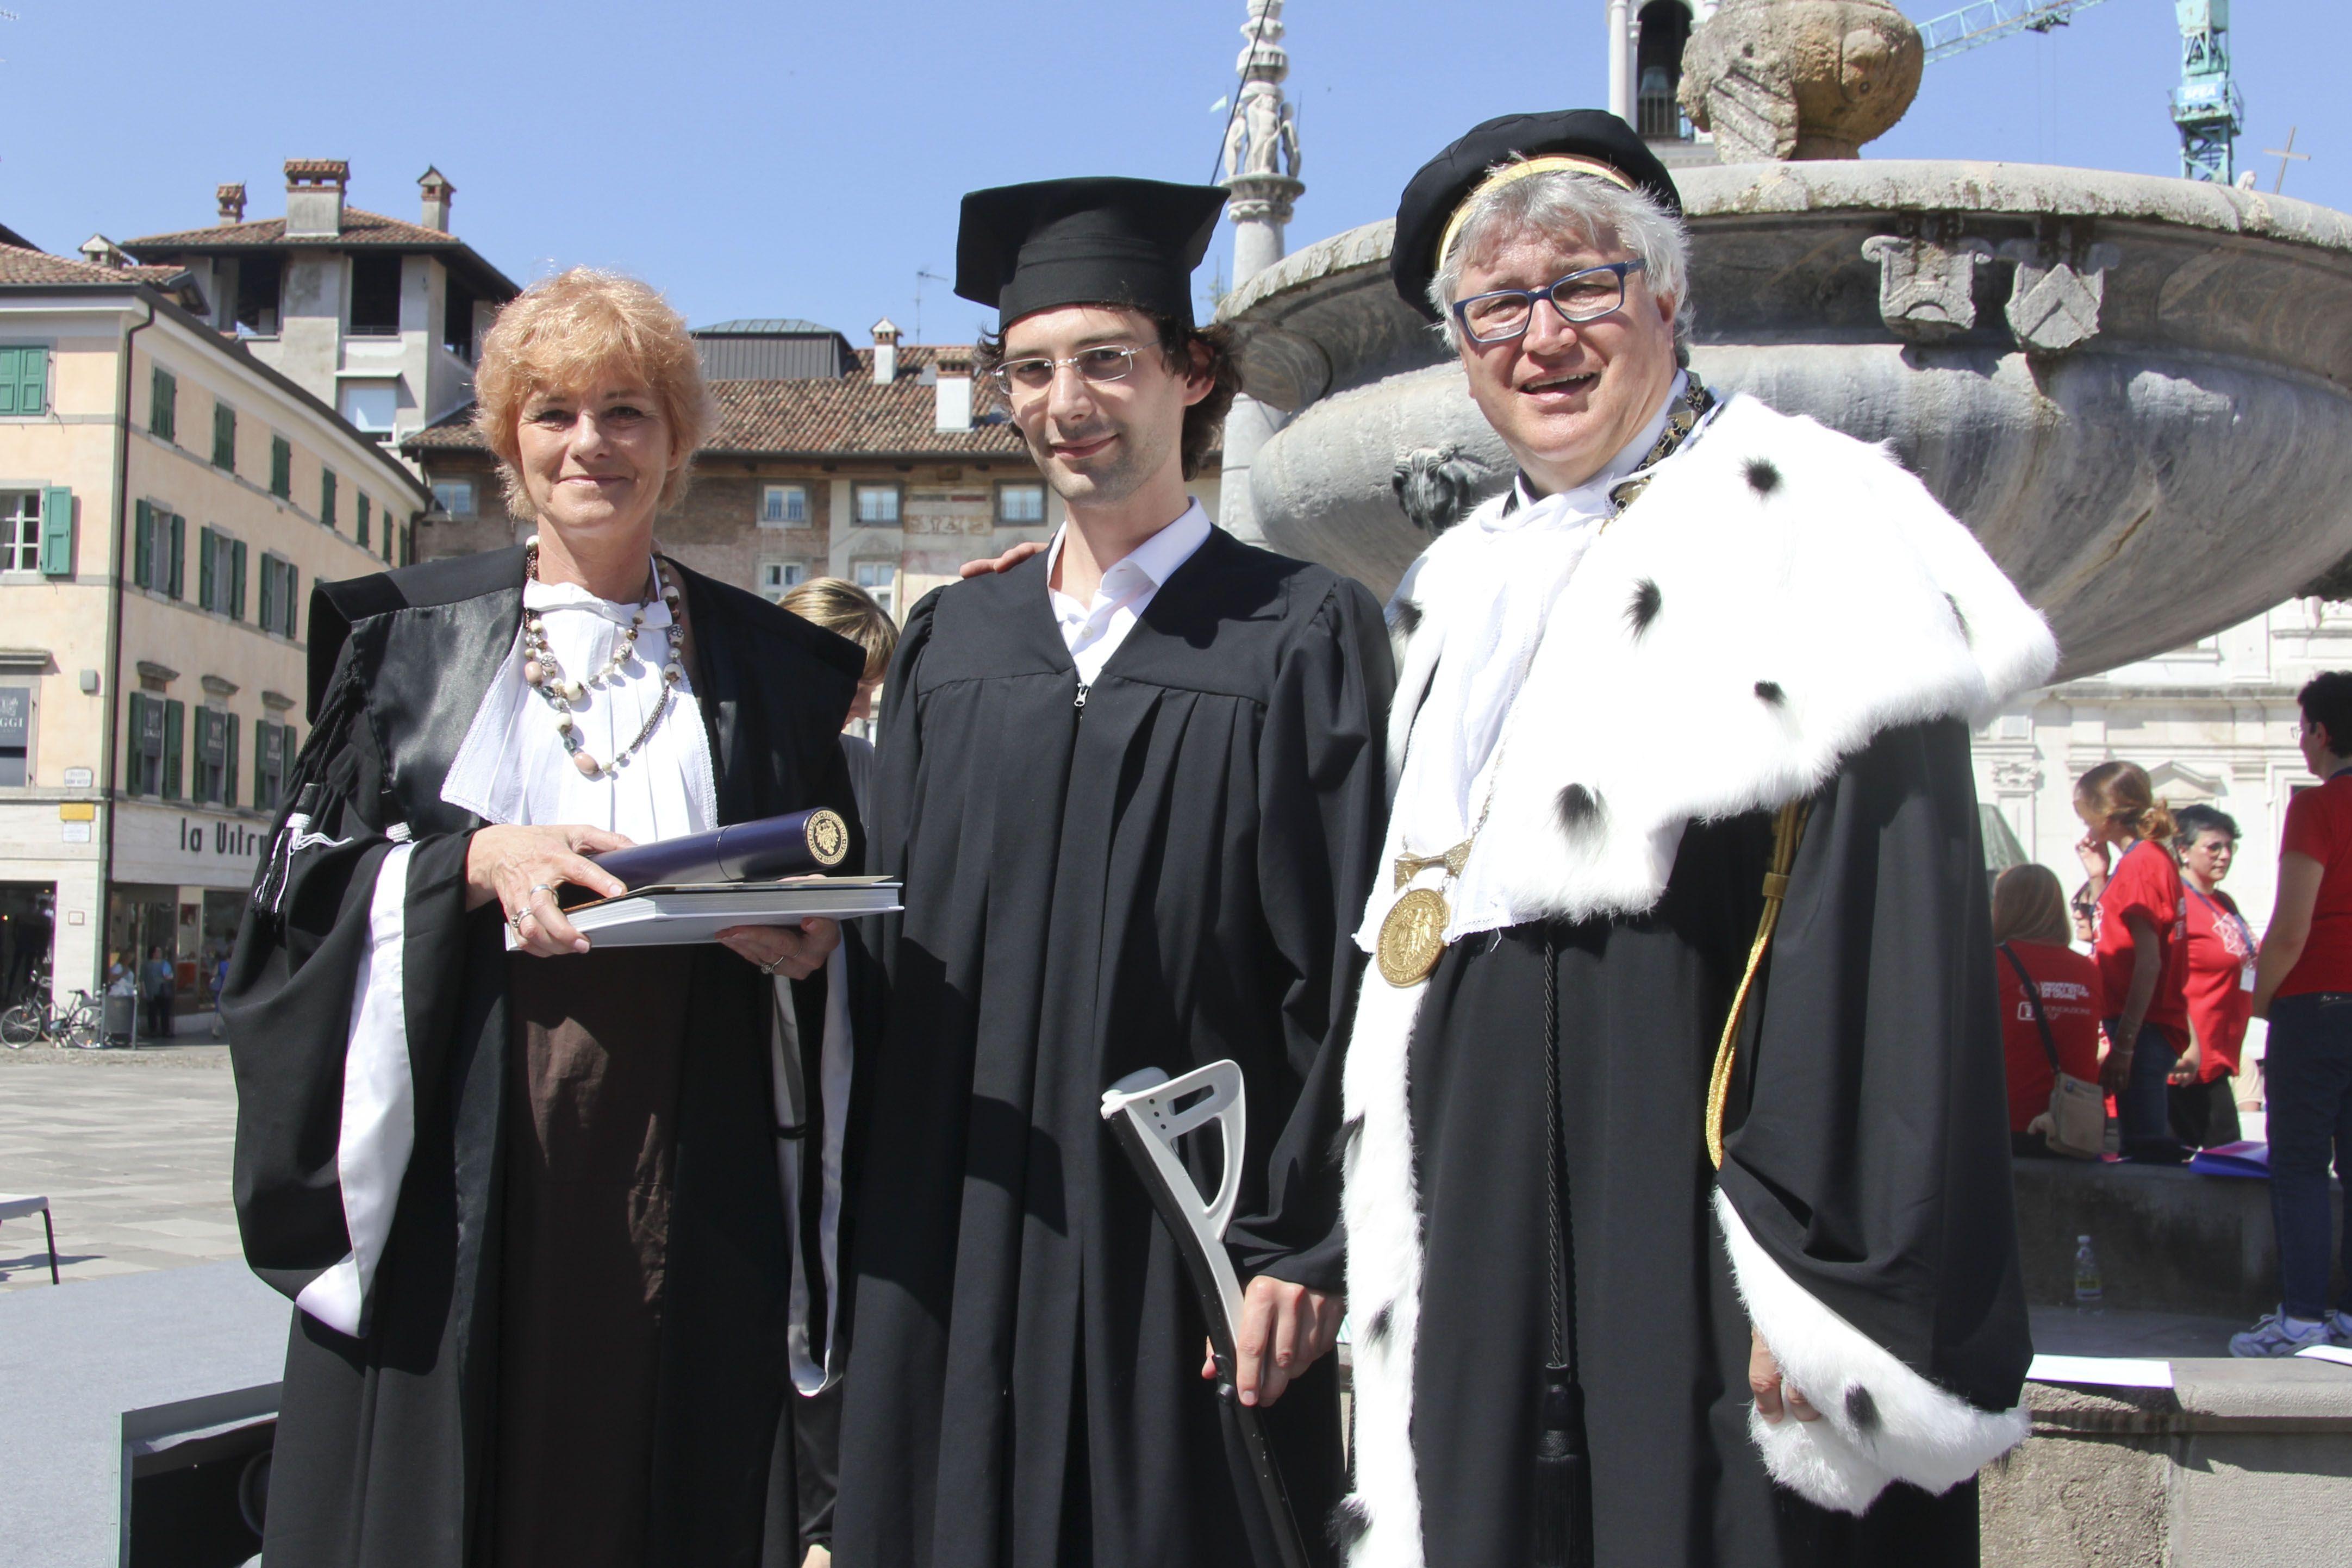 Il Magnifico Rettore e la prof.ssa Donata Levi premiano gli studenti della Scuola Superiore durante il Dies Academicus di #conoscenzainfesta